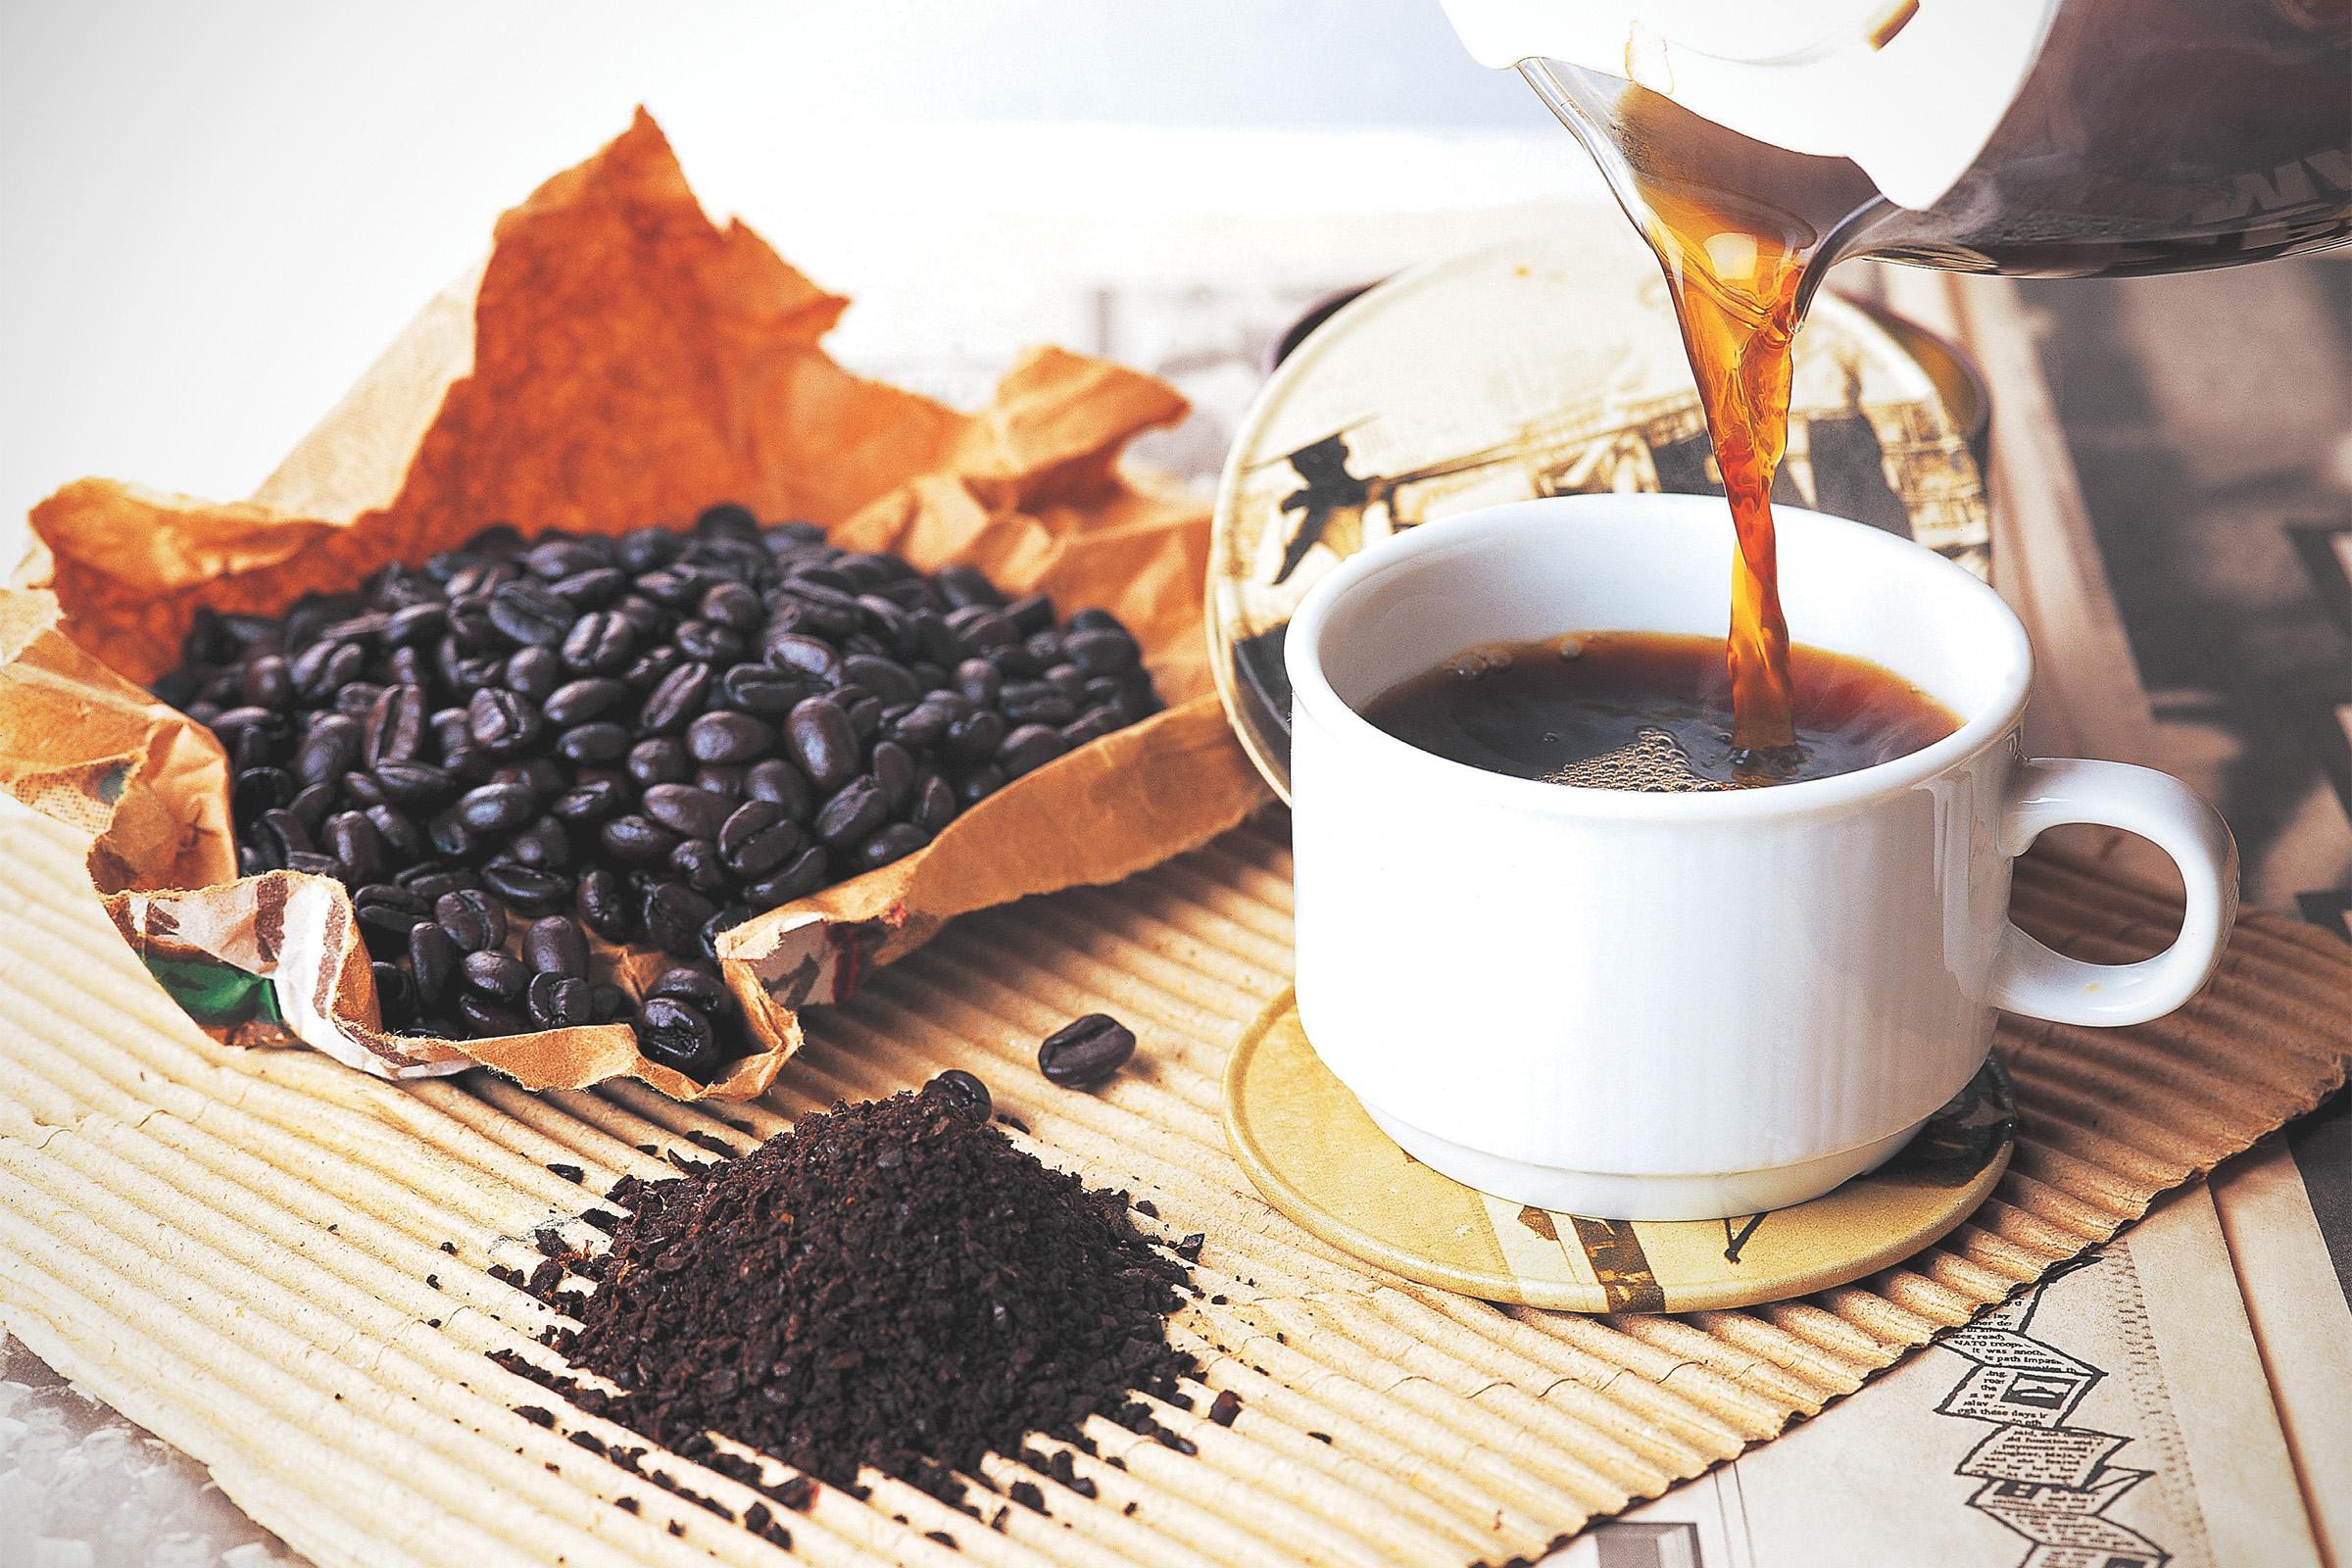 segíthet a koffein a fogyásban